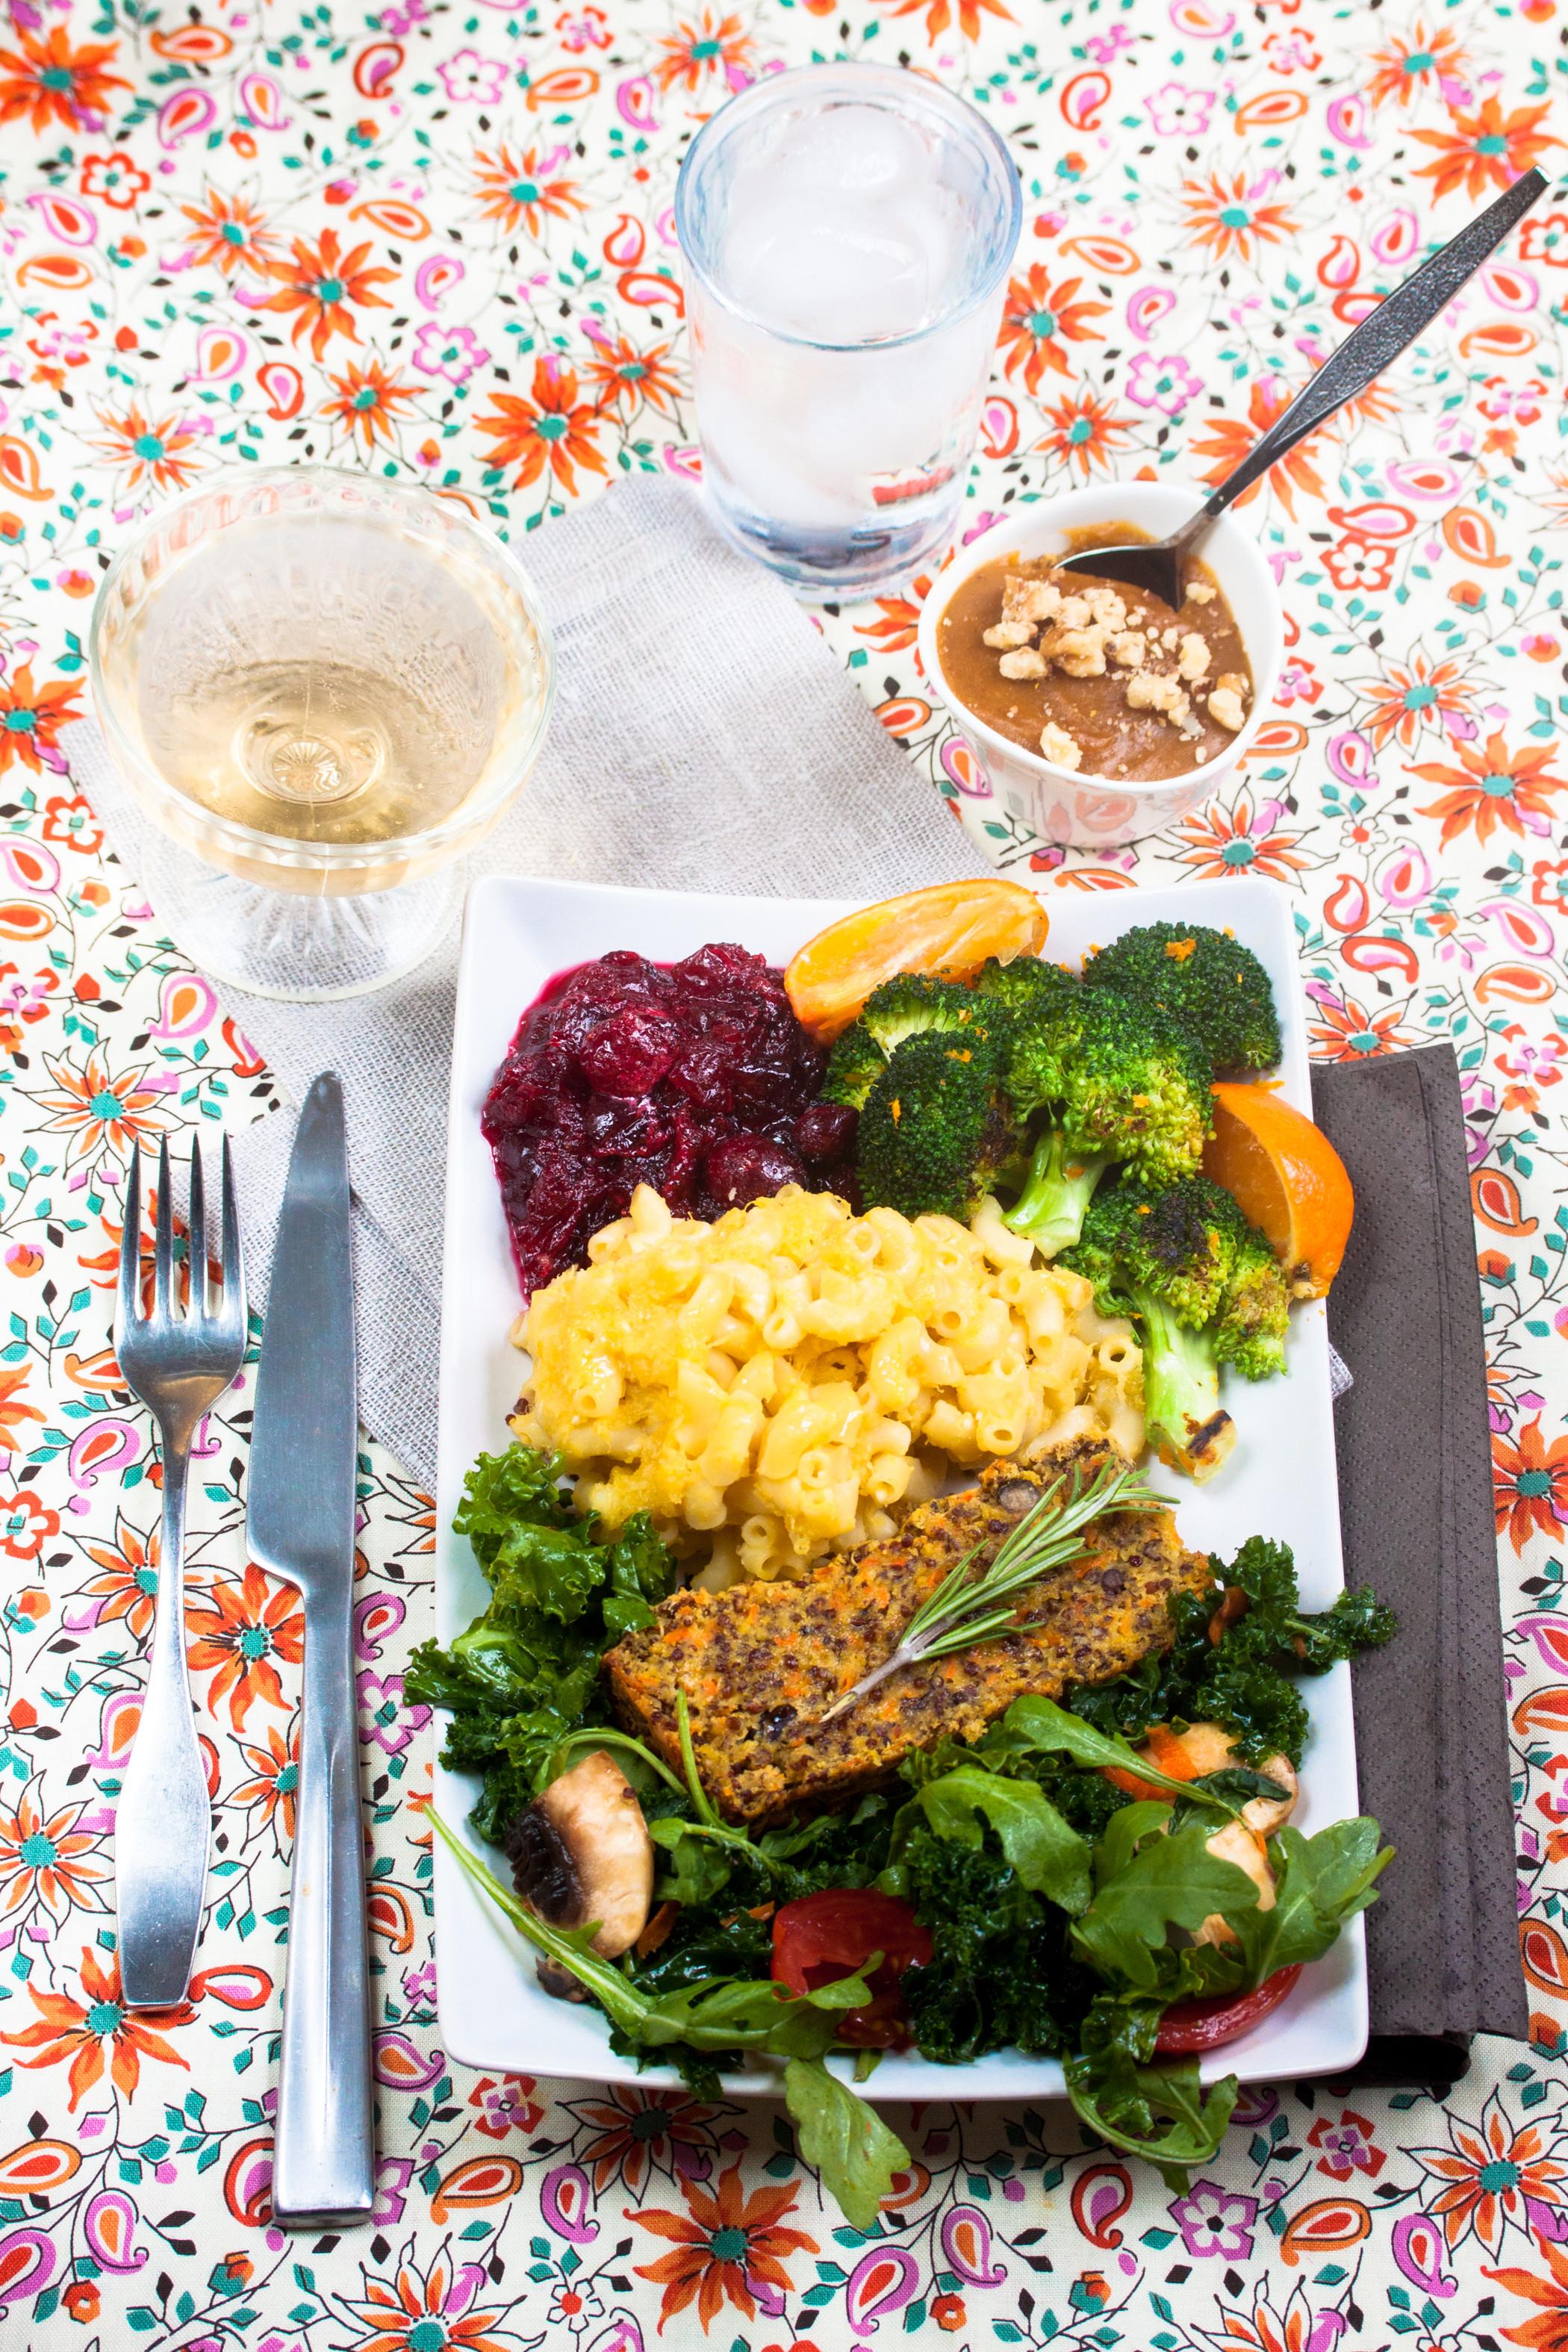 Vegetarian Thanksgiving Meal  Gluten Free Vegan Thanksgiving Menu